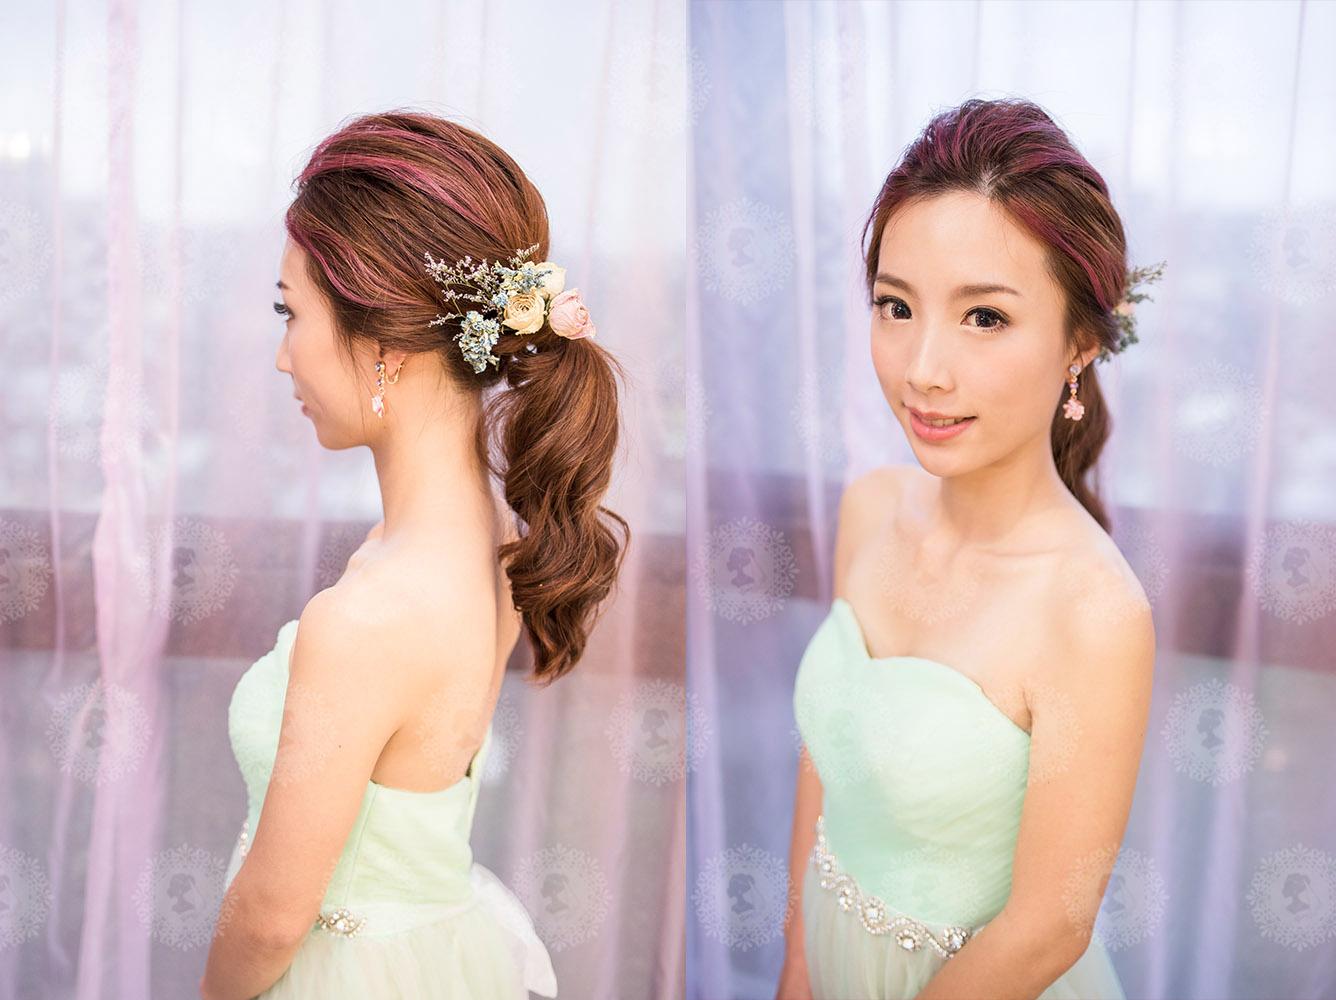 新娘秘書造型師作品-日系甜美/白雪公主照片圖5